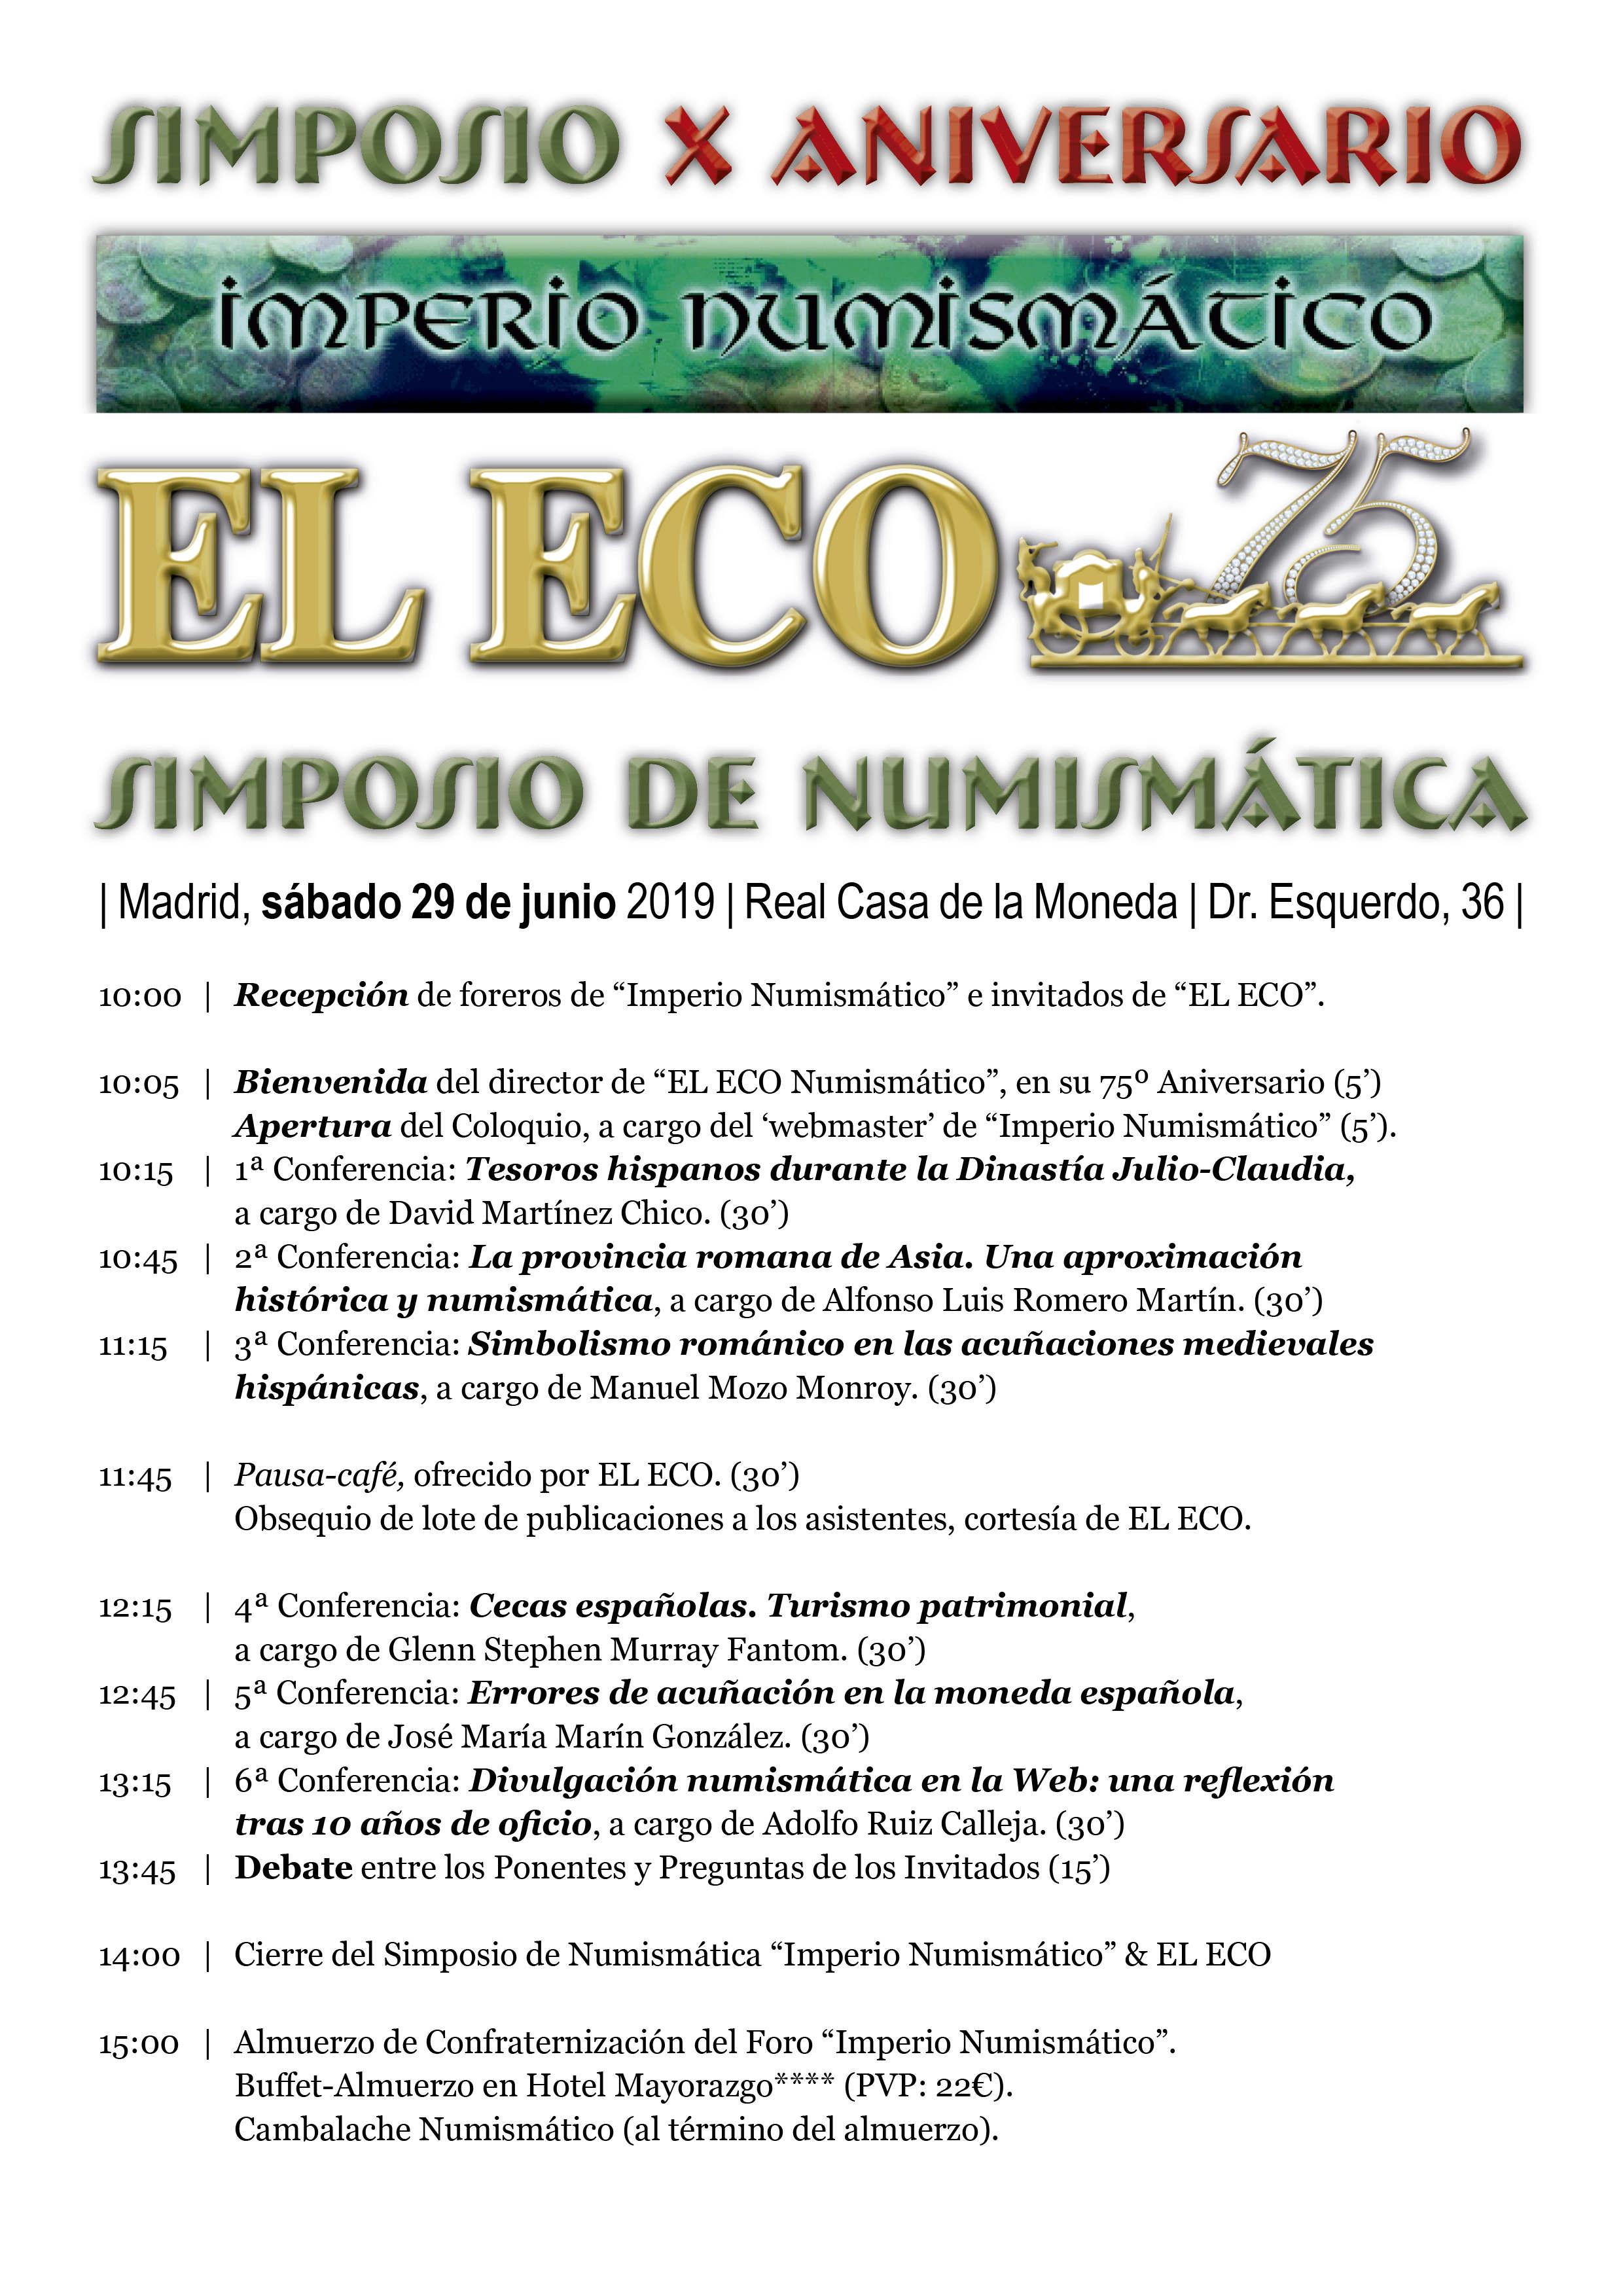 I Quedada del foro/Simposio Numismático (Madrid, 29 junio). Progra12